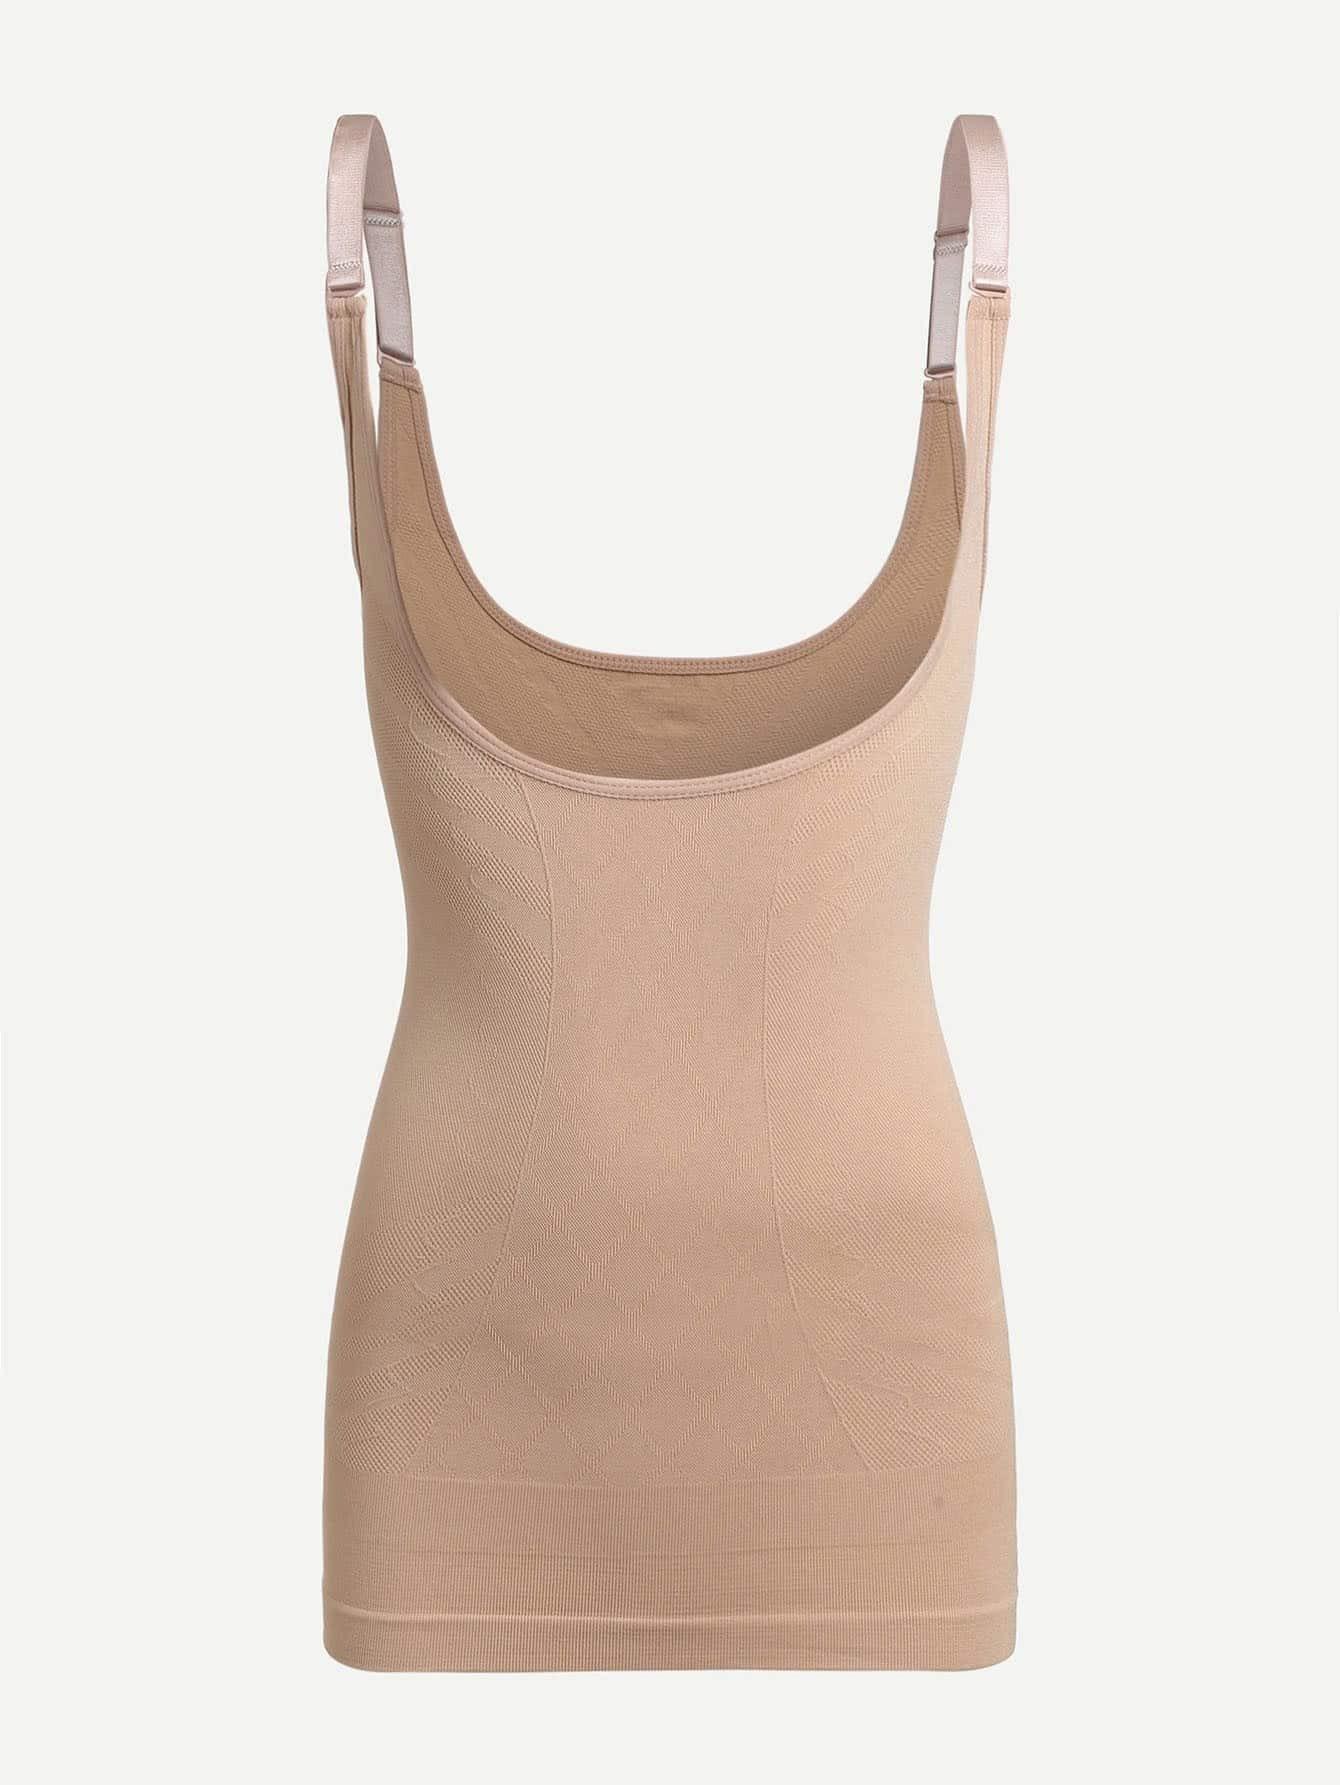 Open Cup Shapewear Slips lingerie180111359